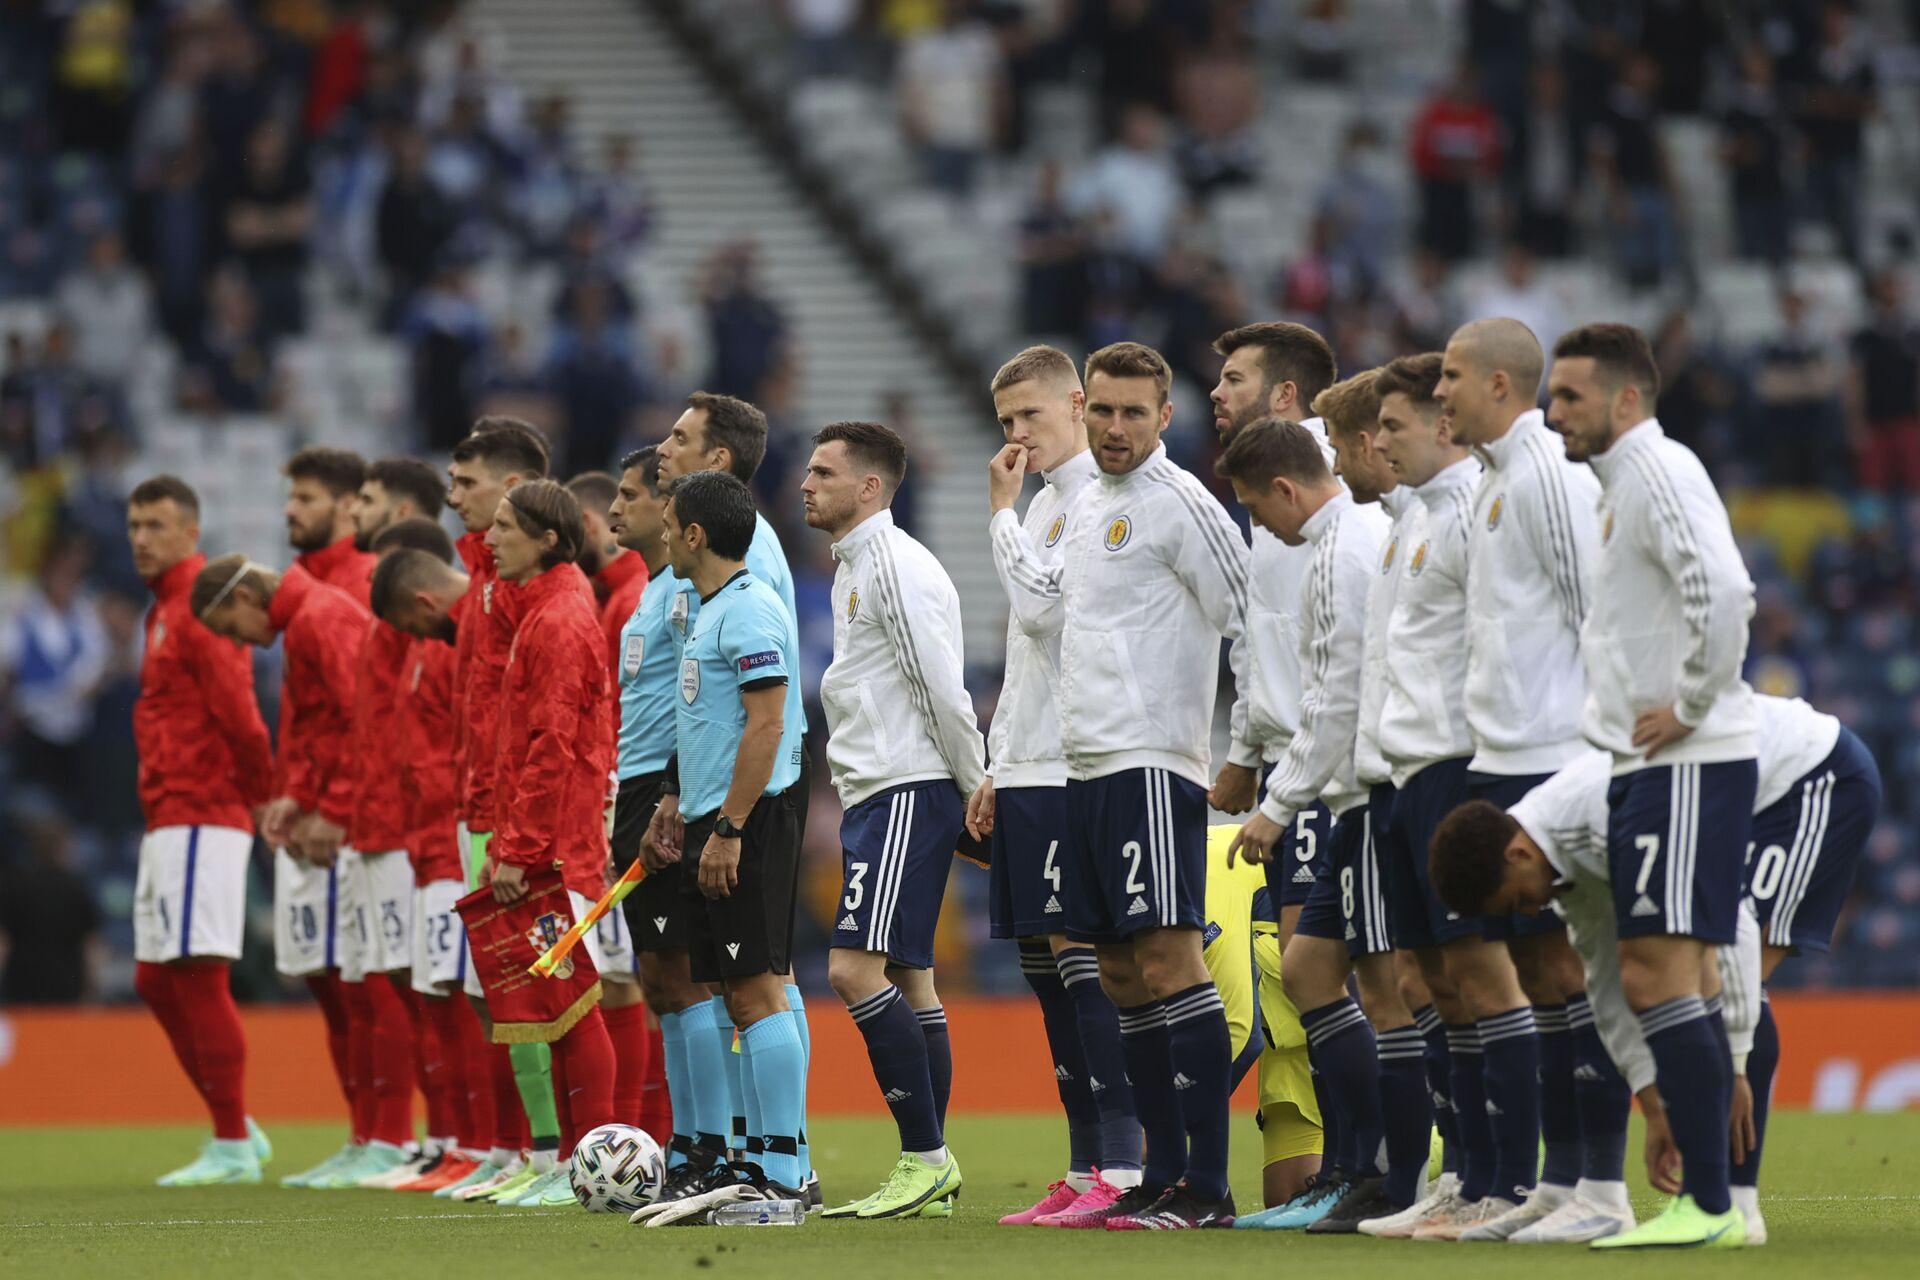 Giải Vô địch Bóng đá châu Âu: Đội tuyển Croatia thắng đội tuyển Scotland với tỷ số 3:1 - Sputnik Việt Nam, 1920, 23.06.2021